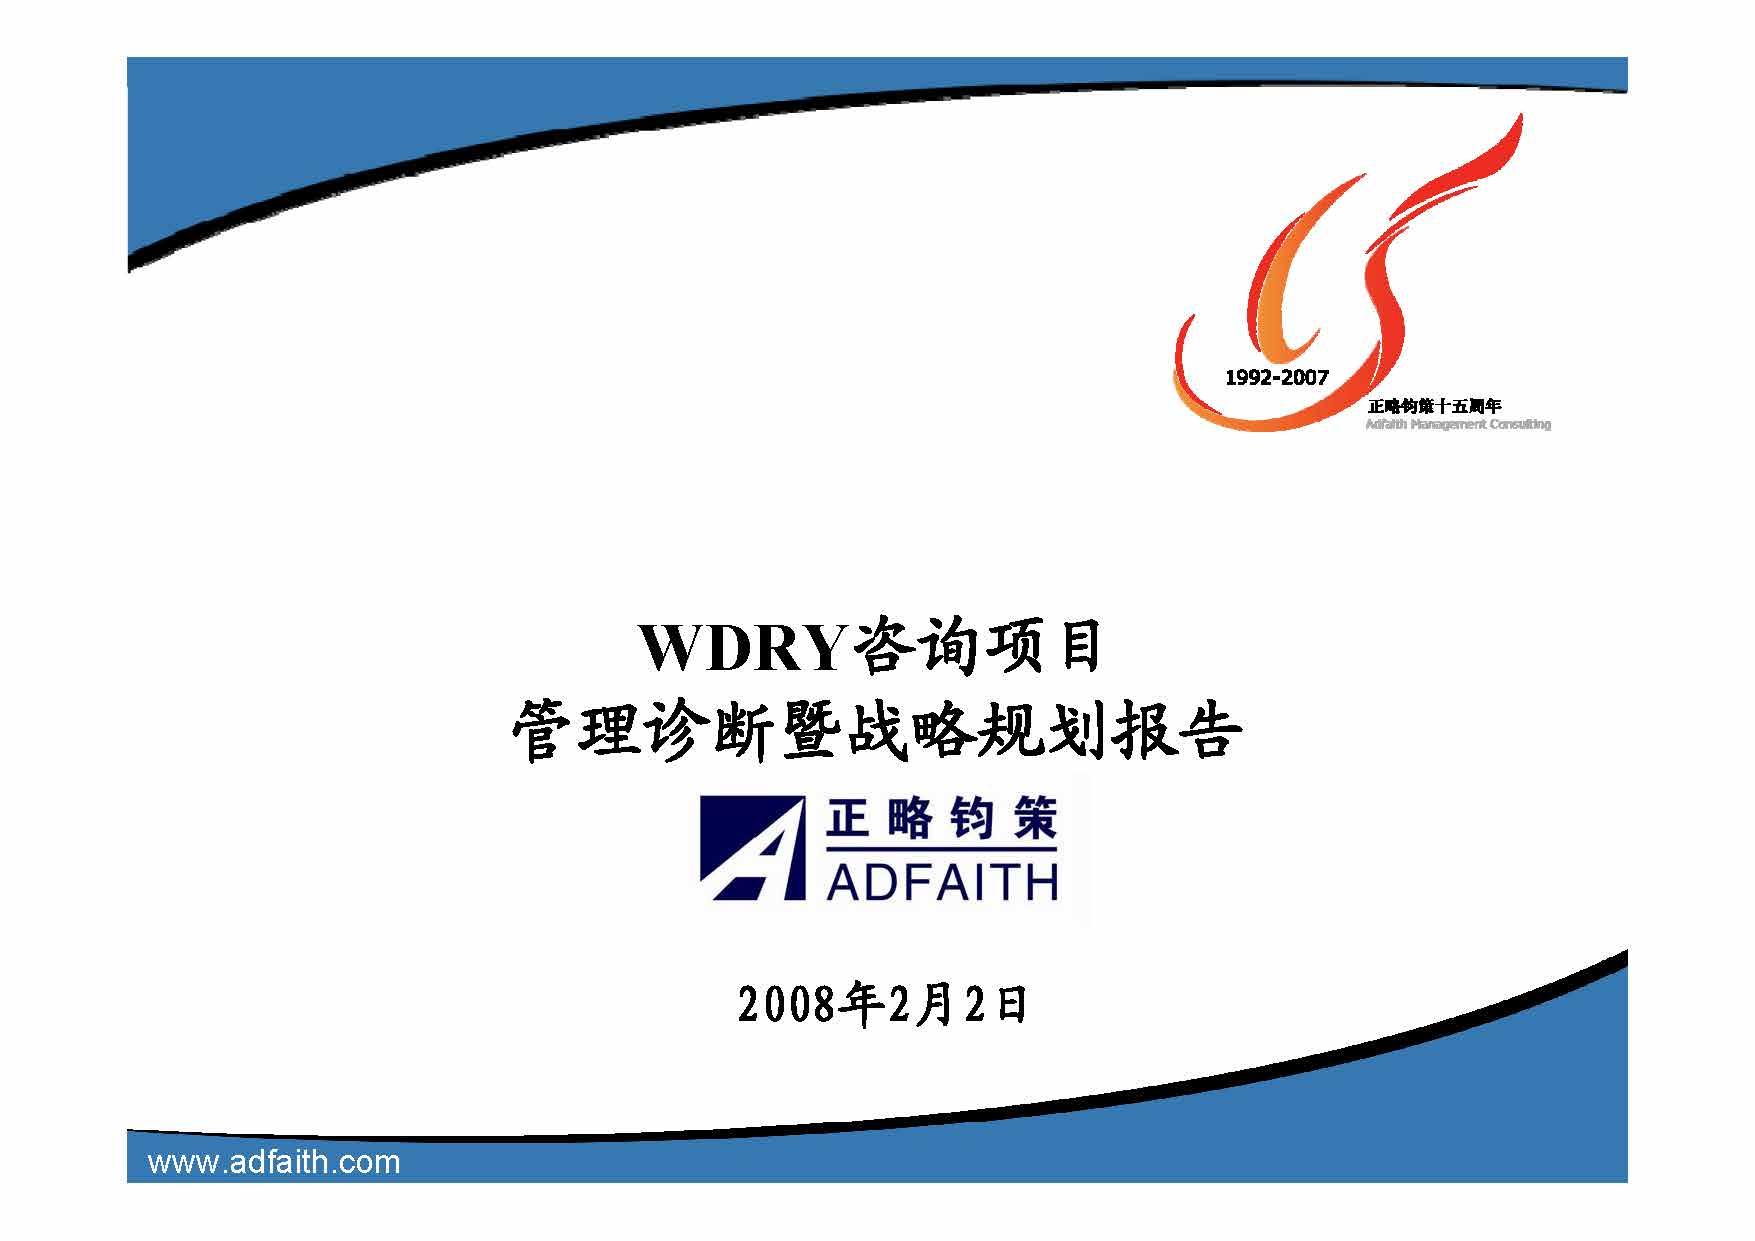 正略钧策-WDRY咨询项目管理诊断暨战略规划报告.